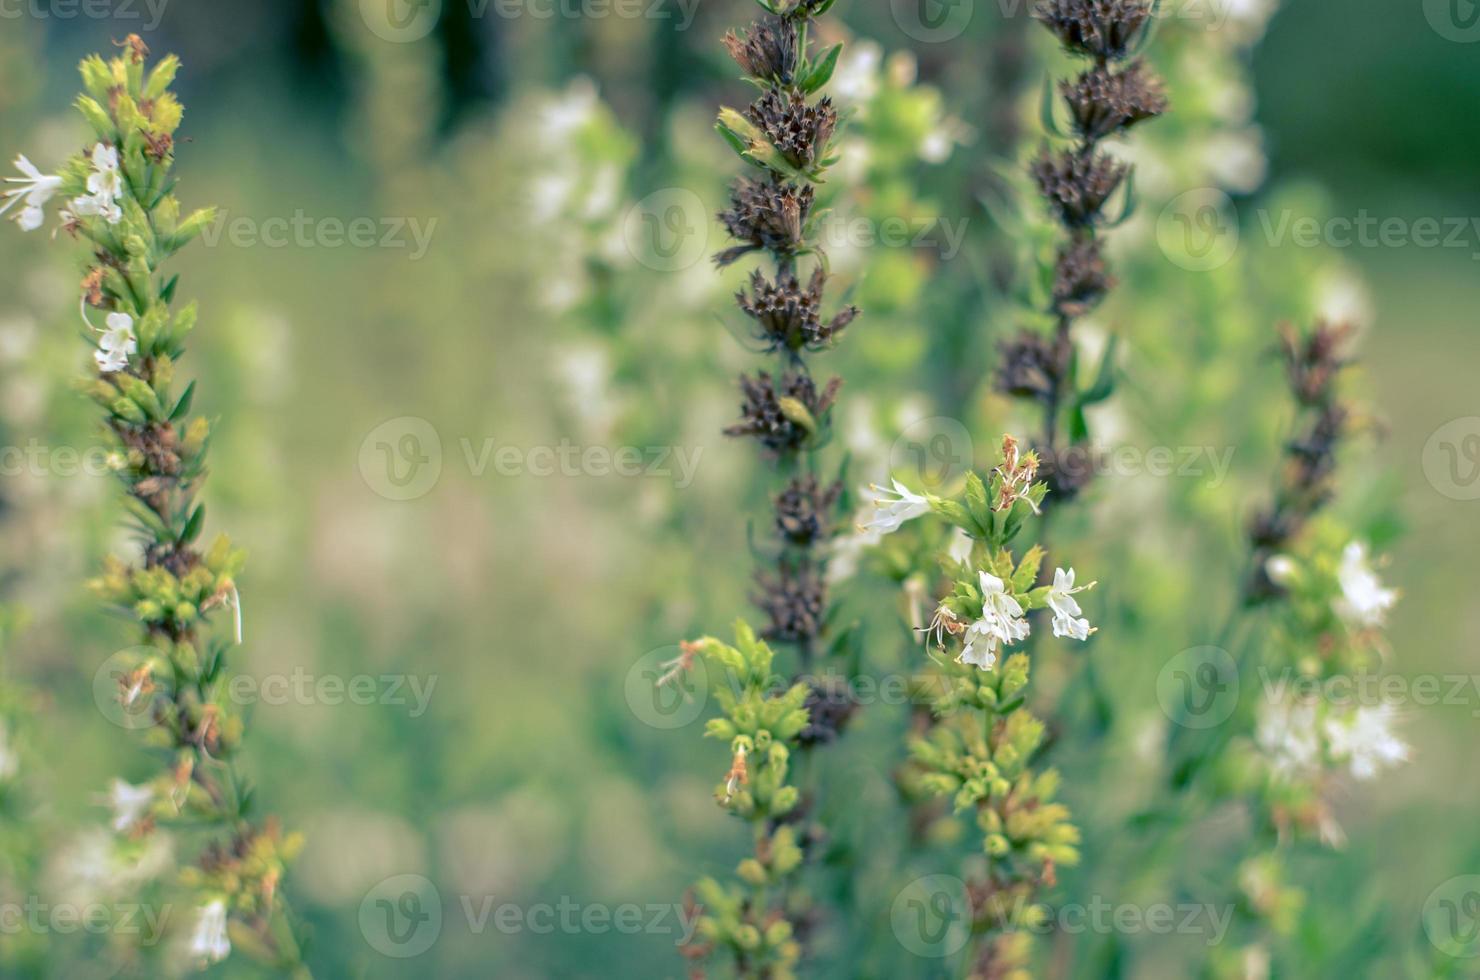 Thymus serpyllum florece en el jardín, primer plano foto